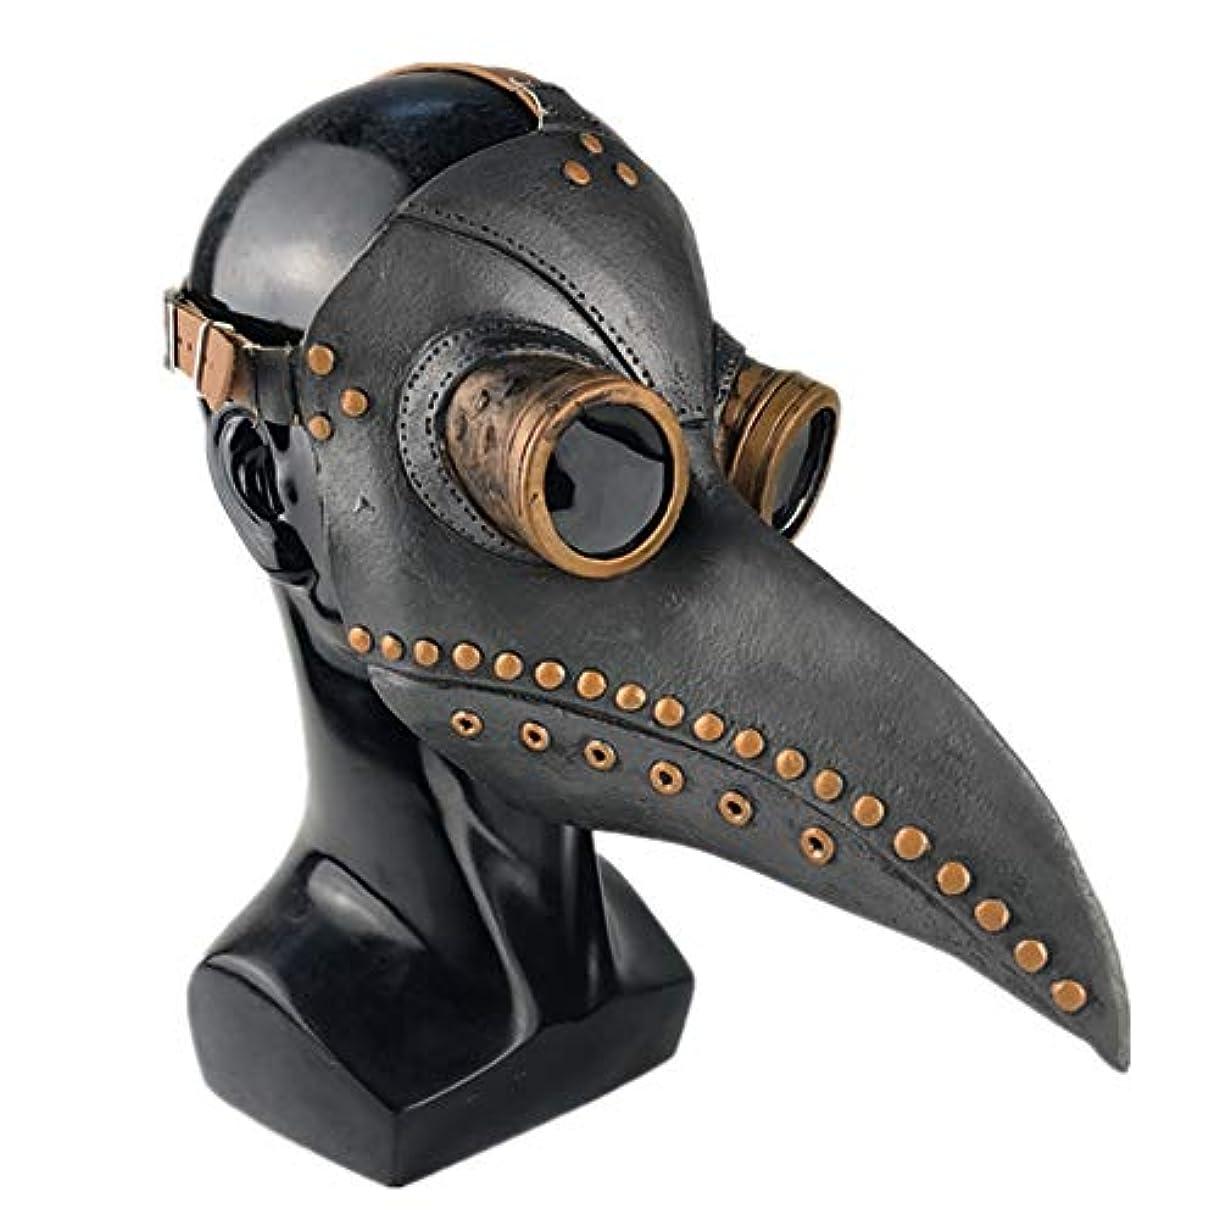 講師赤字抑制するKISSION ホラーマスク ハロウィンデコレーション 通気性 ペストスチーム喙ドクターマスク 仮面舞踏会喙ドクターマスク 小道具 黒 銅の爪